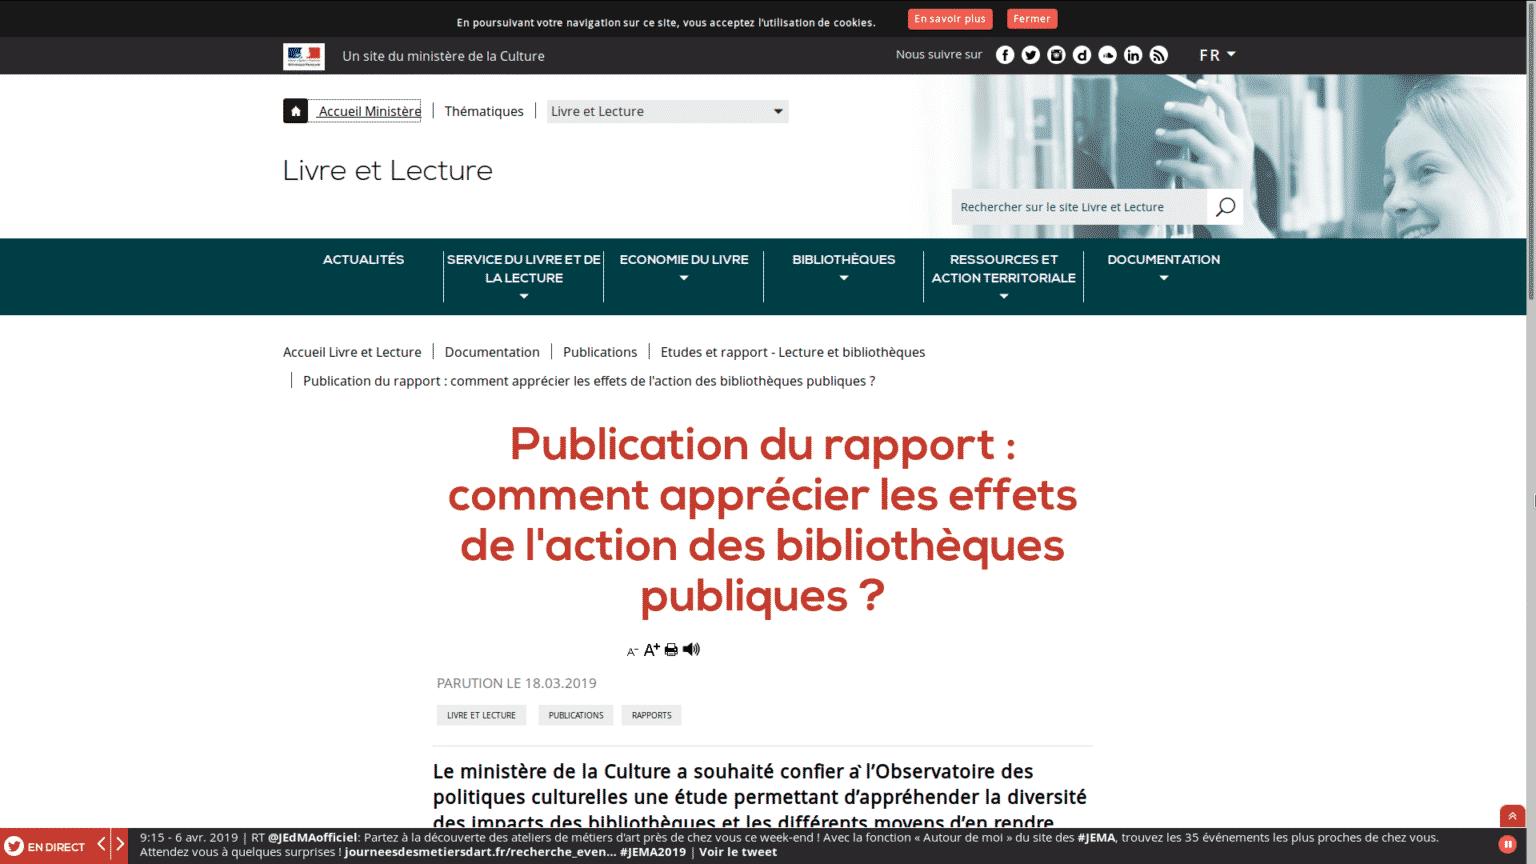 Publication-du-rapport-comment-apprecier-les-effets-de-l-action-des-bibliotheques-publiques